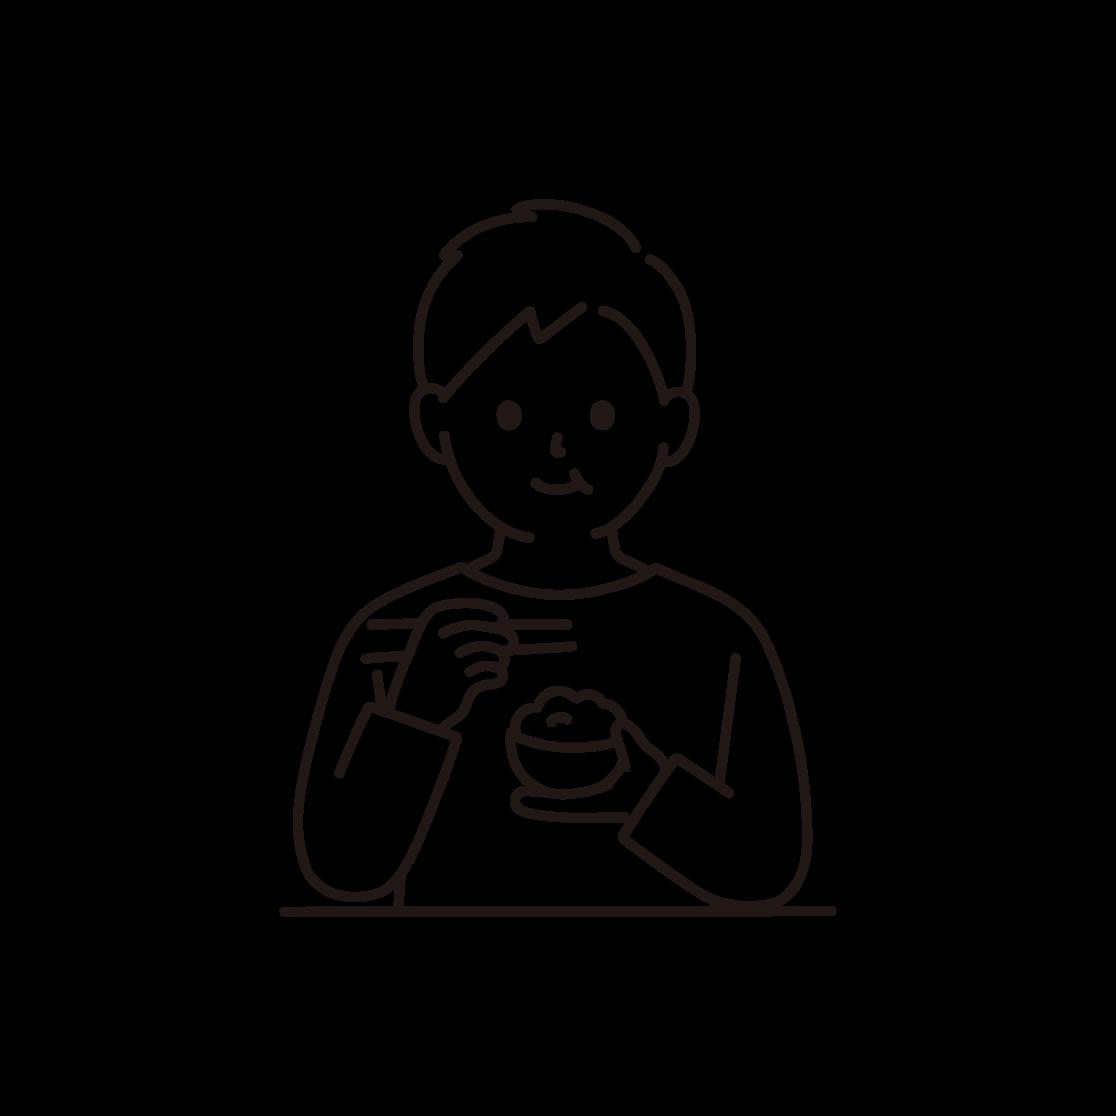 食事をする男性の線画イラスト